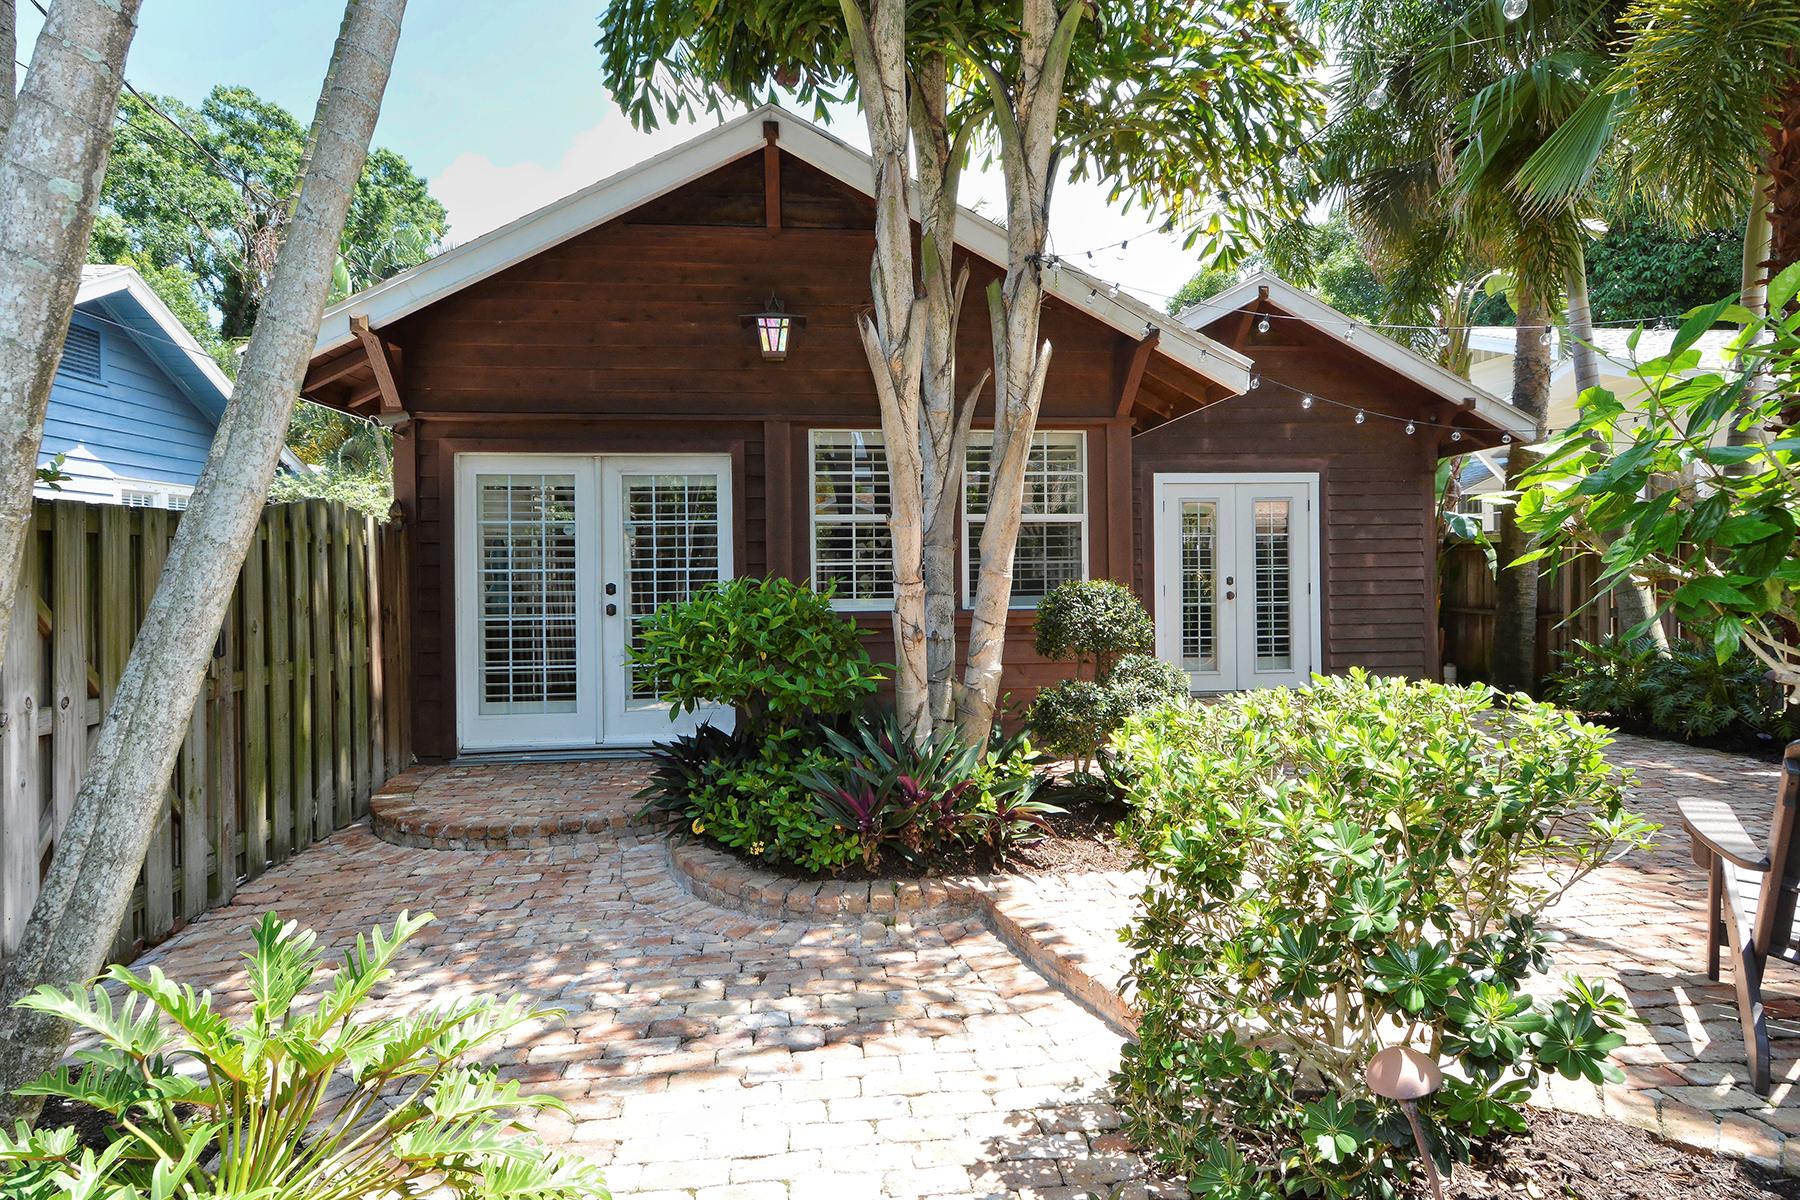 Maison unifamiliale pour l Vente à SOUTHSIDE VILLAGE 1863 Prospect St Southside Village, Sarasota, Florida, 34239 États-Unis